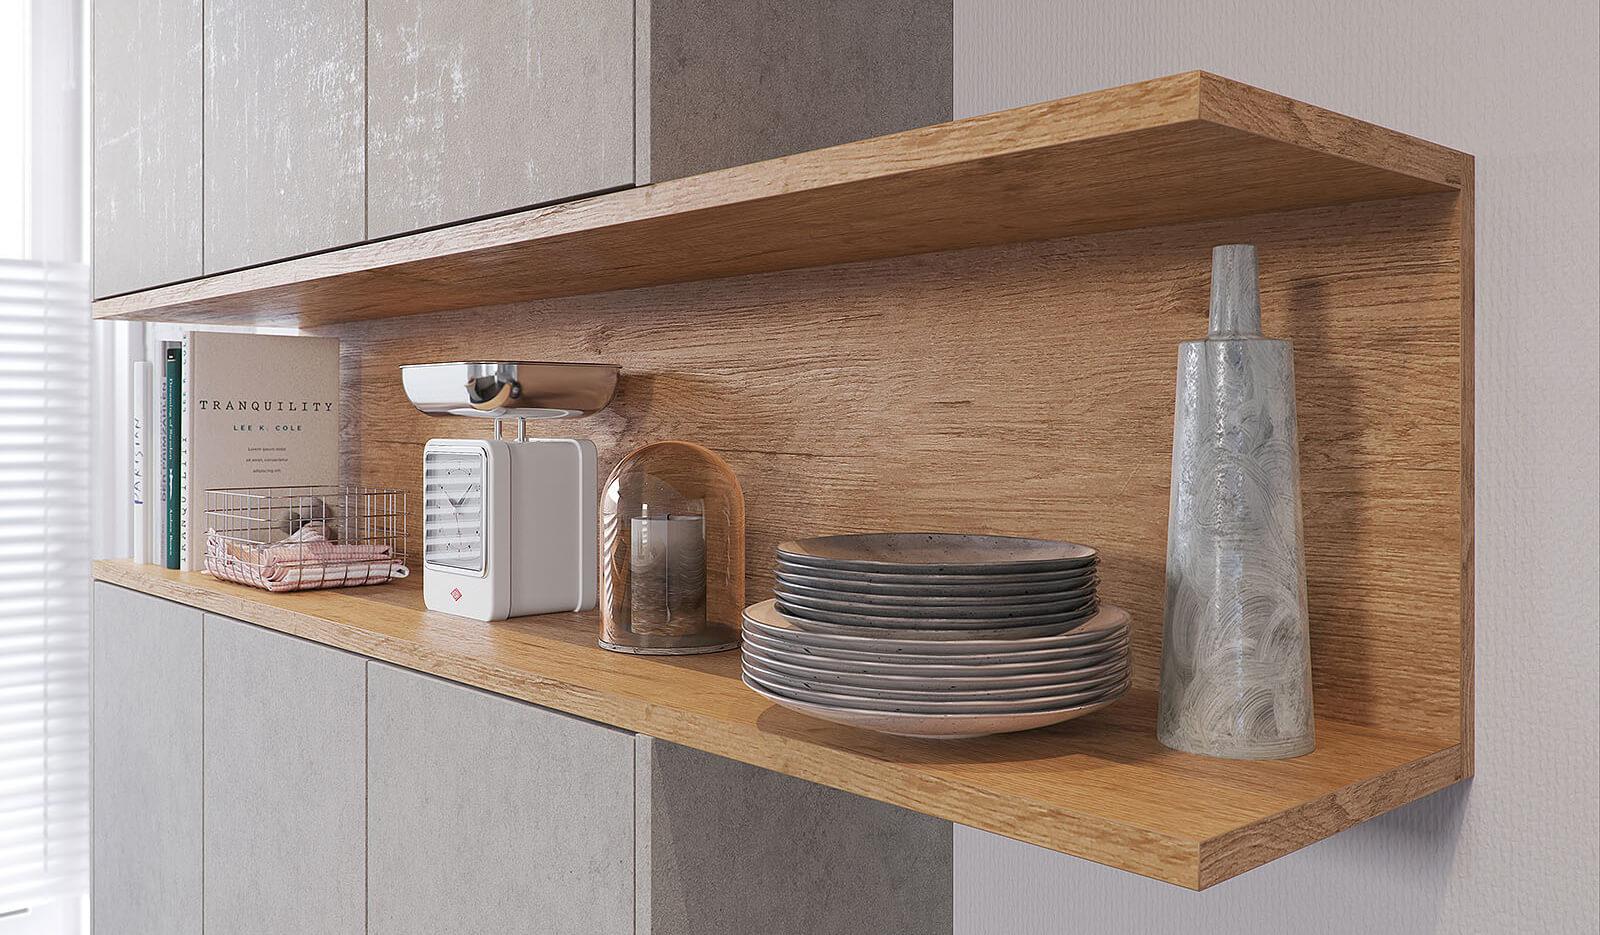 Keuken Atlas betongrijs & oud eiken natuur - open kast design